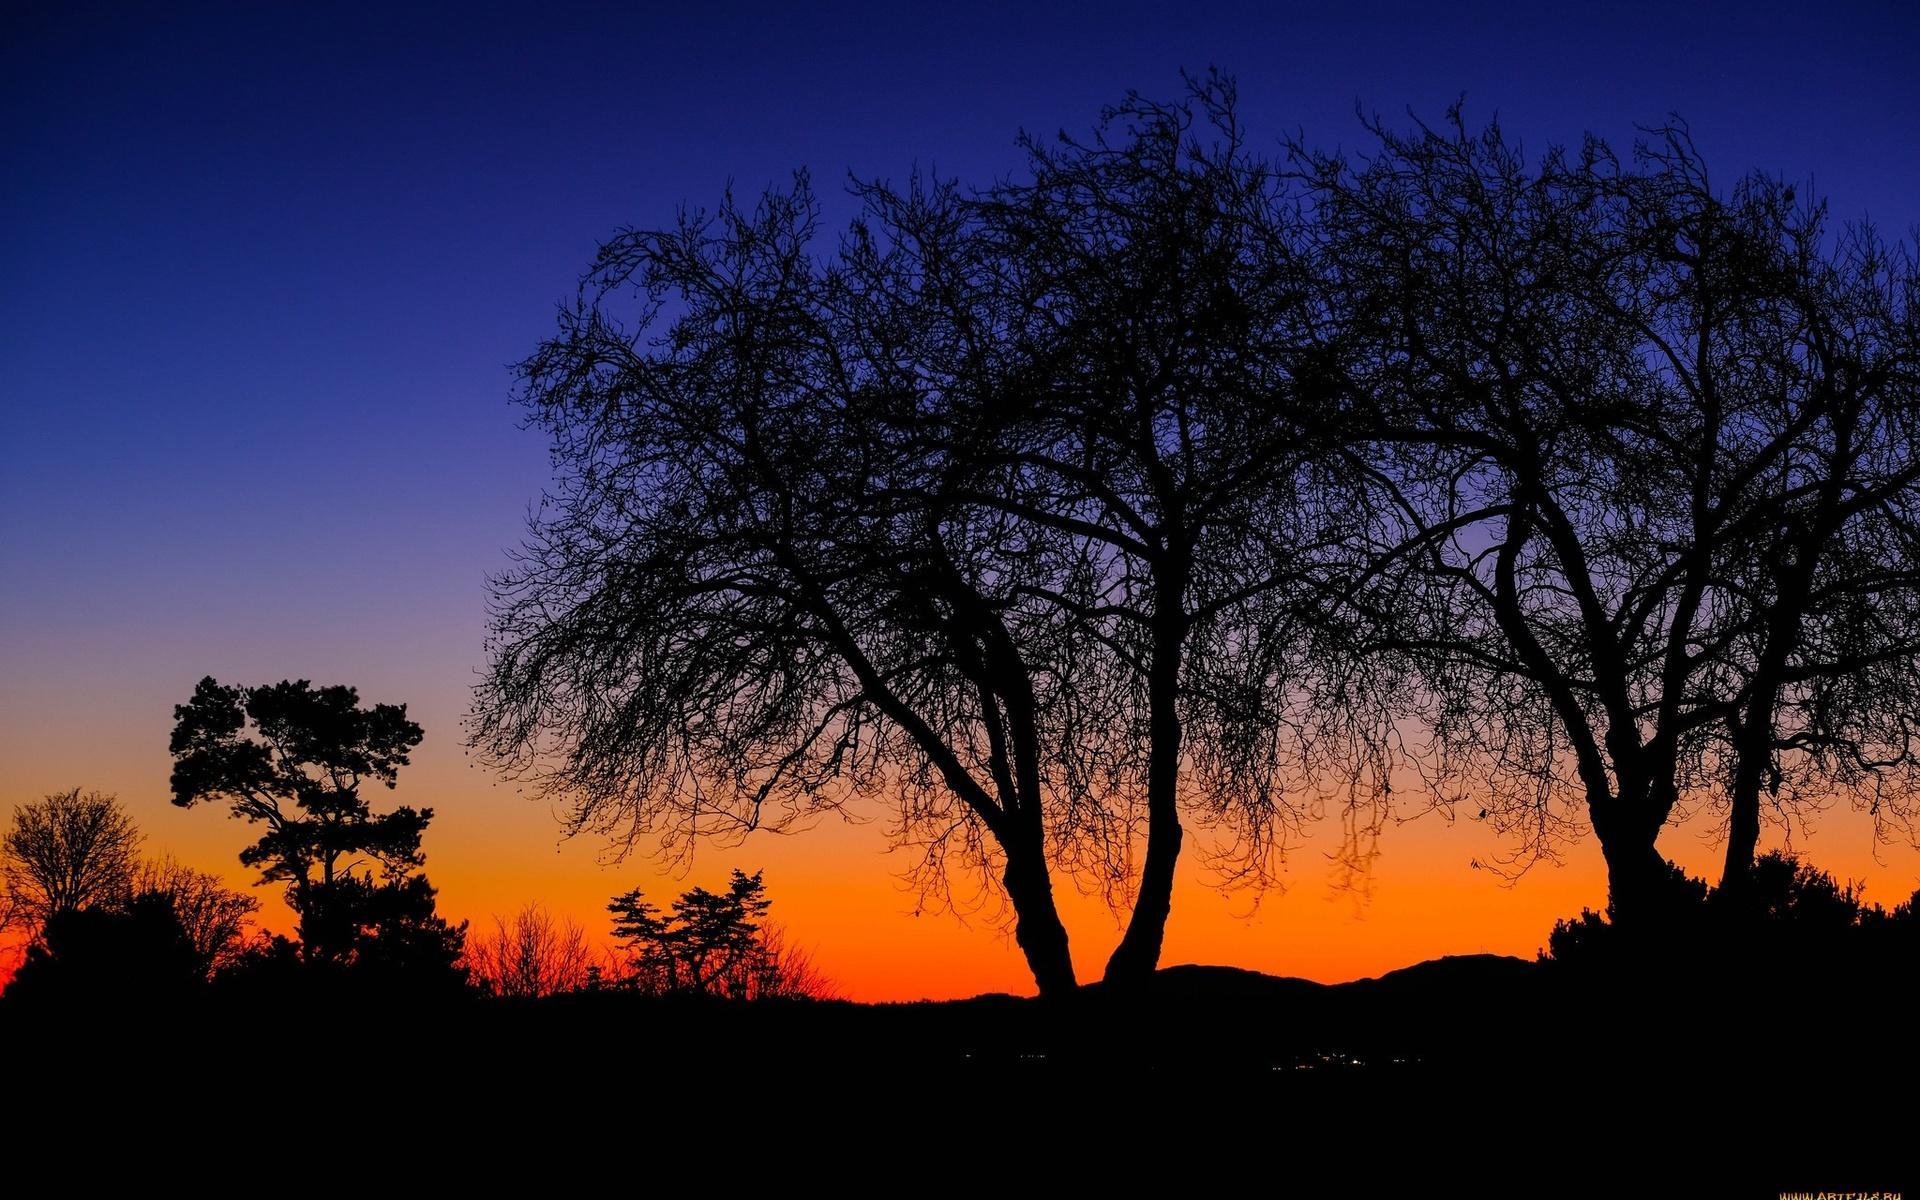 ночь, свет, деревья